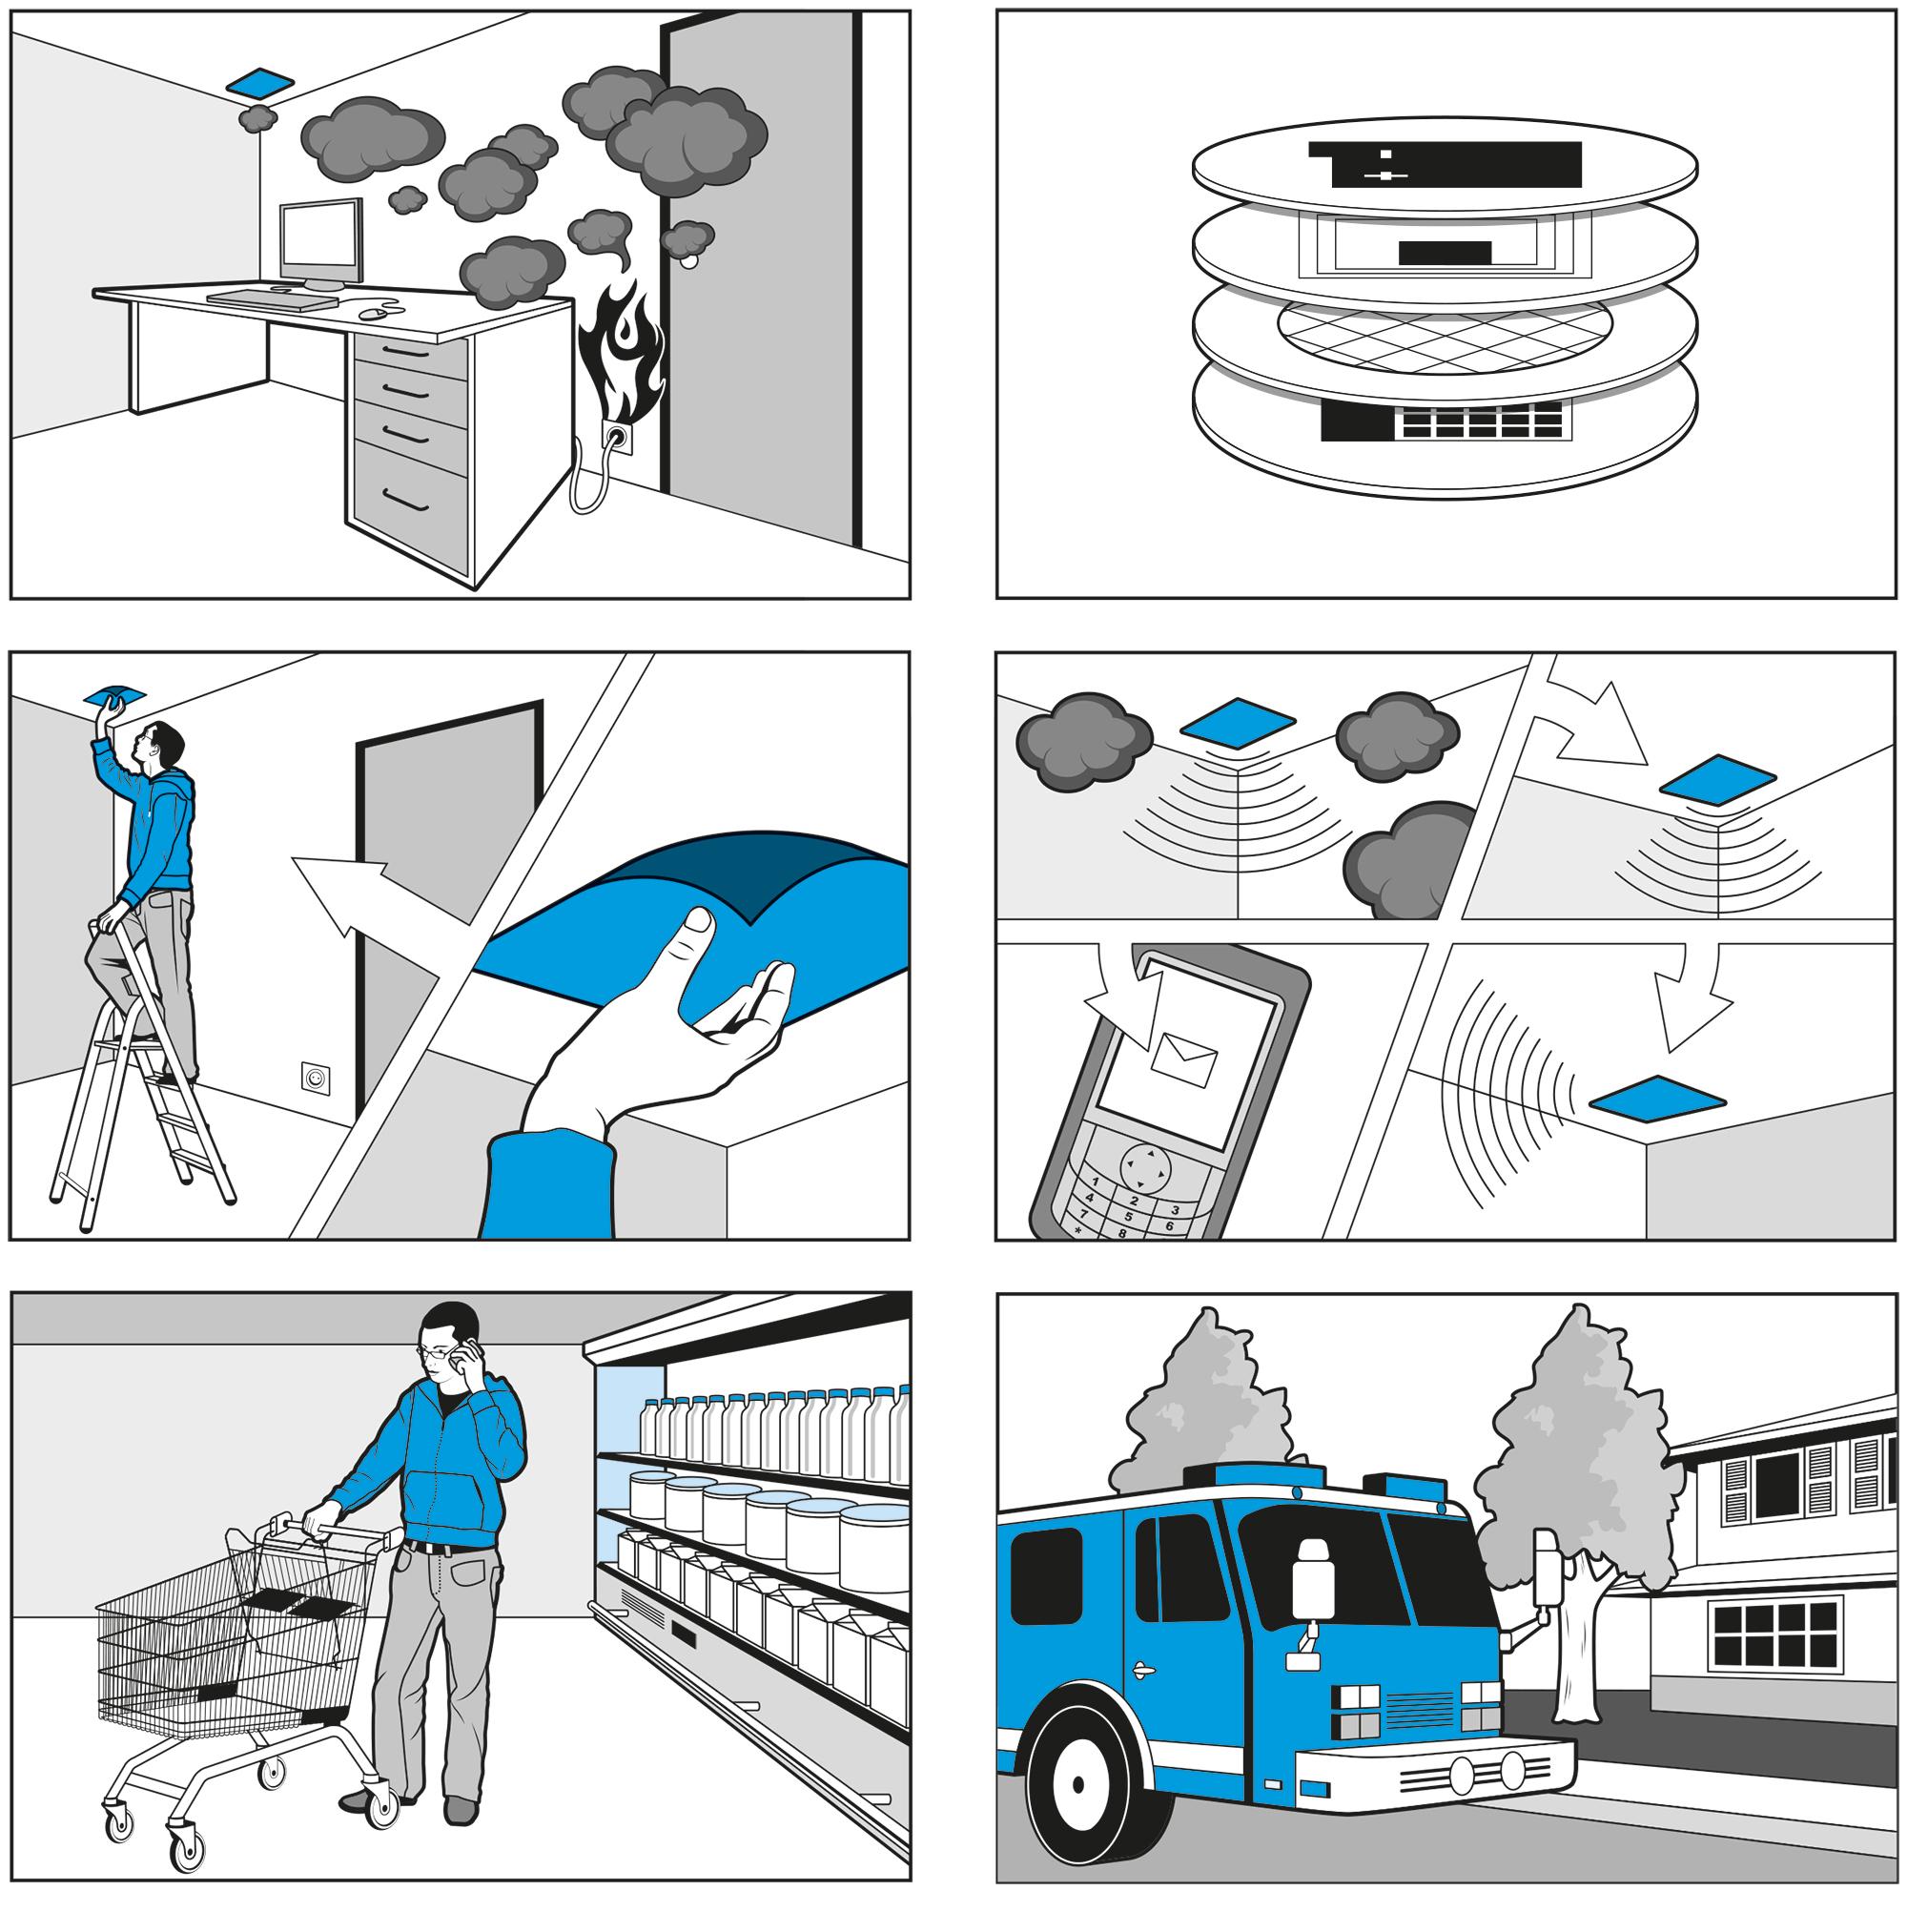 Konzept_Holst-Centre-sketch-02